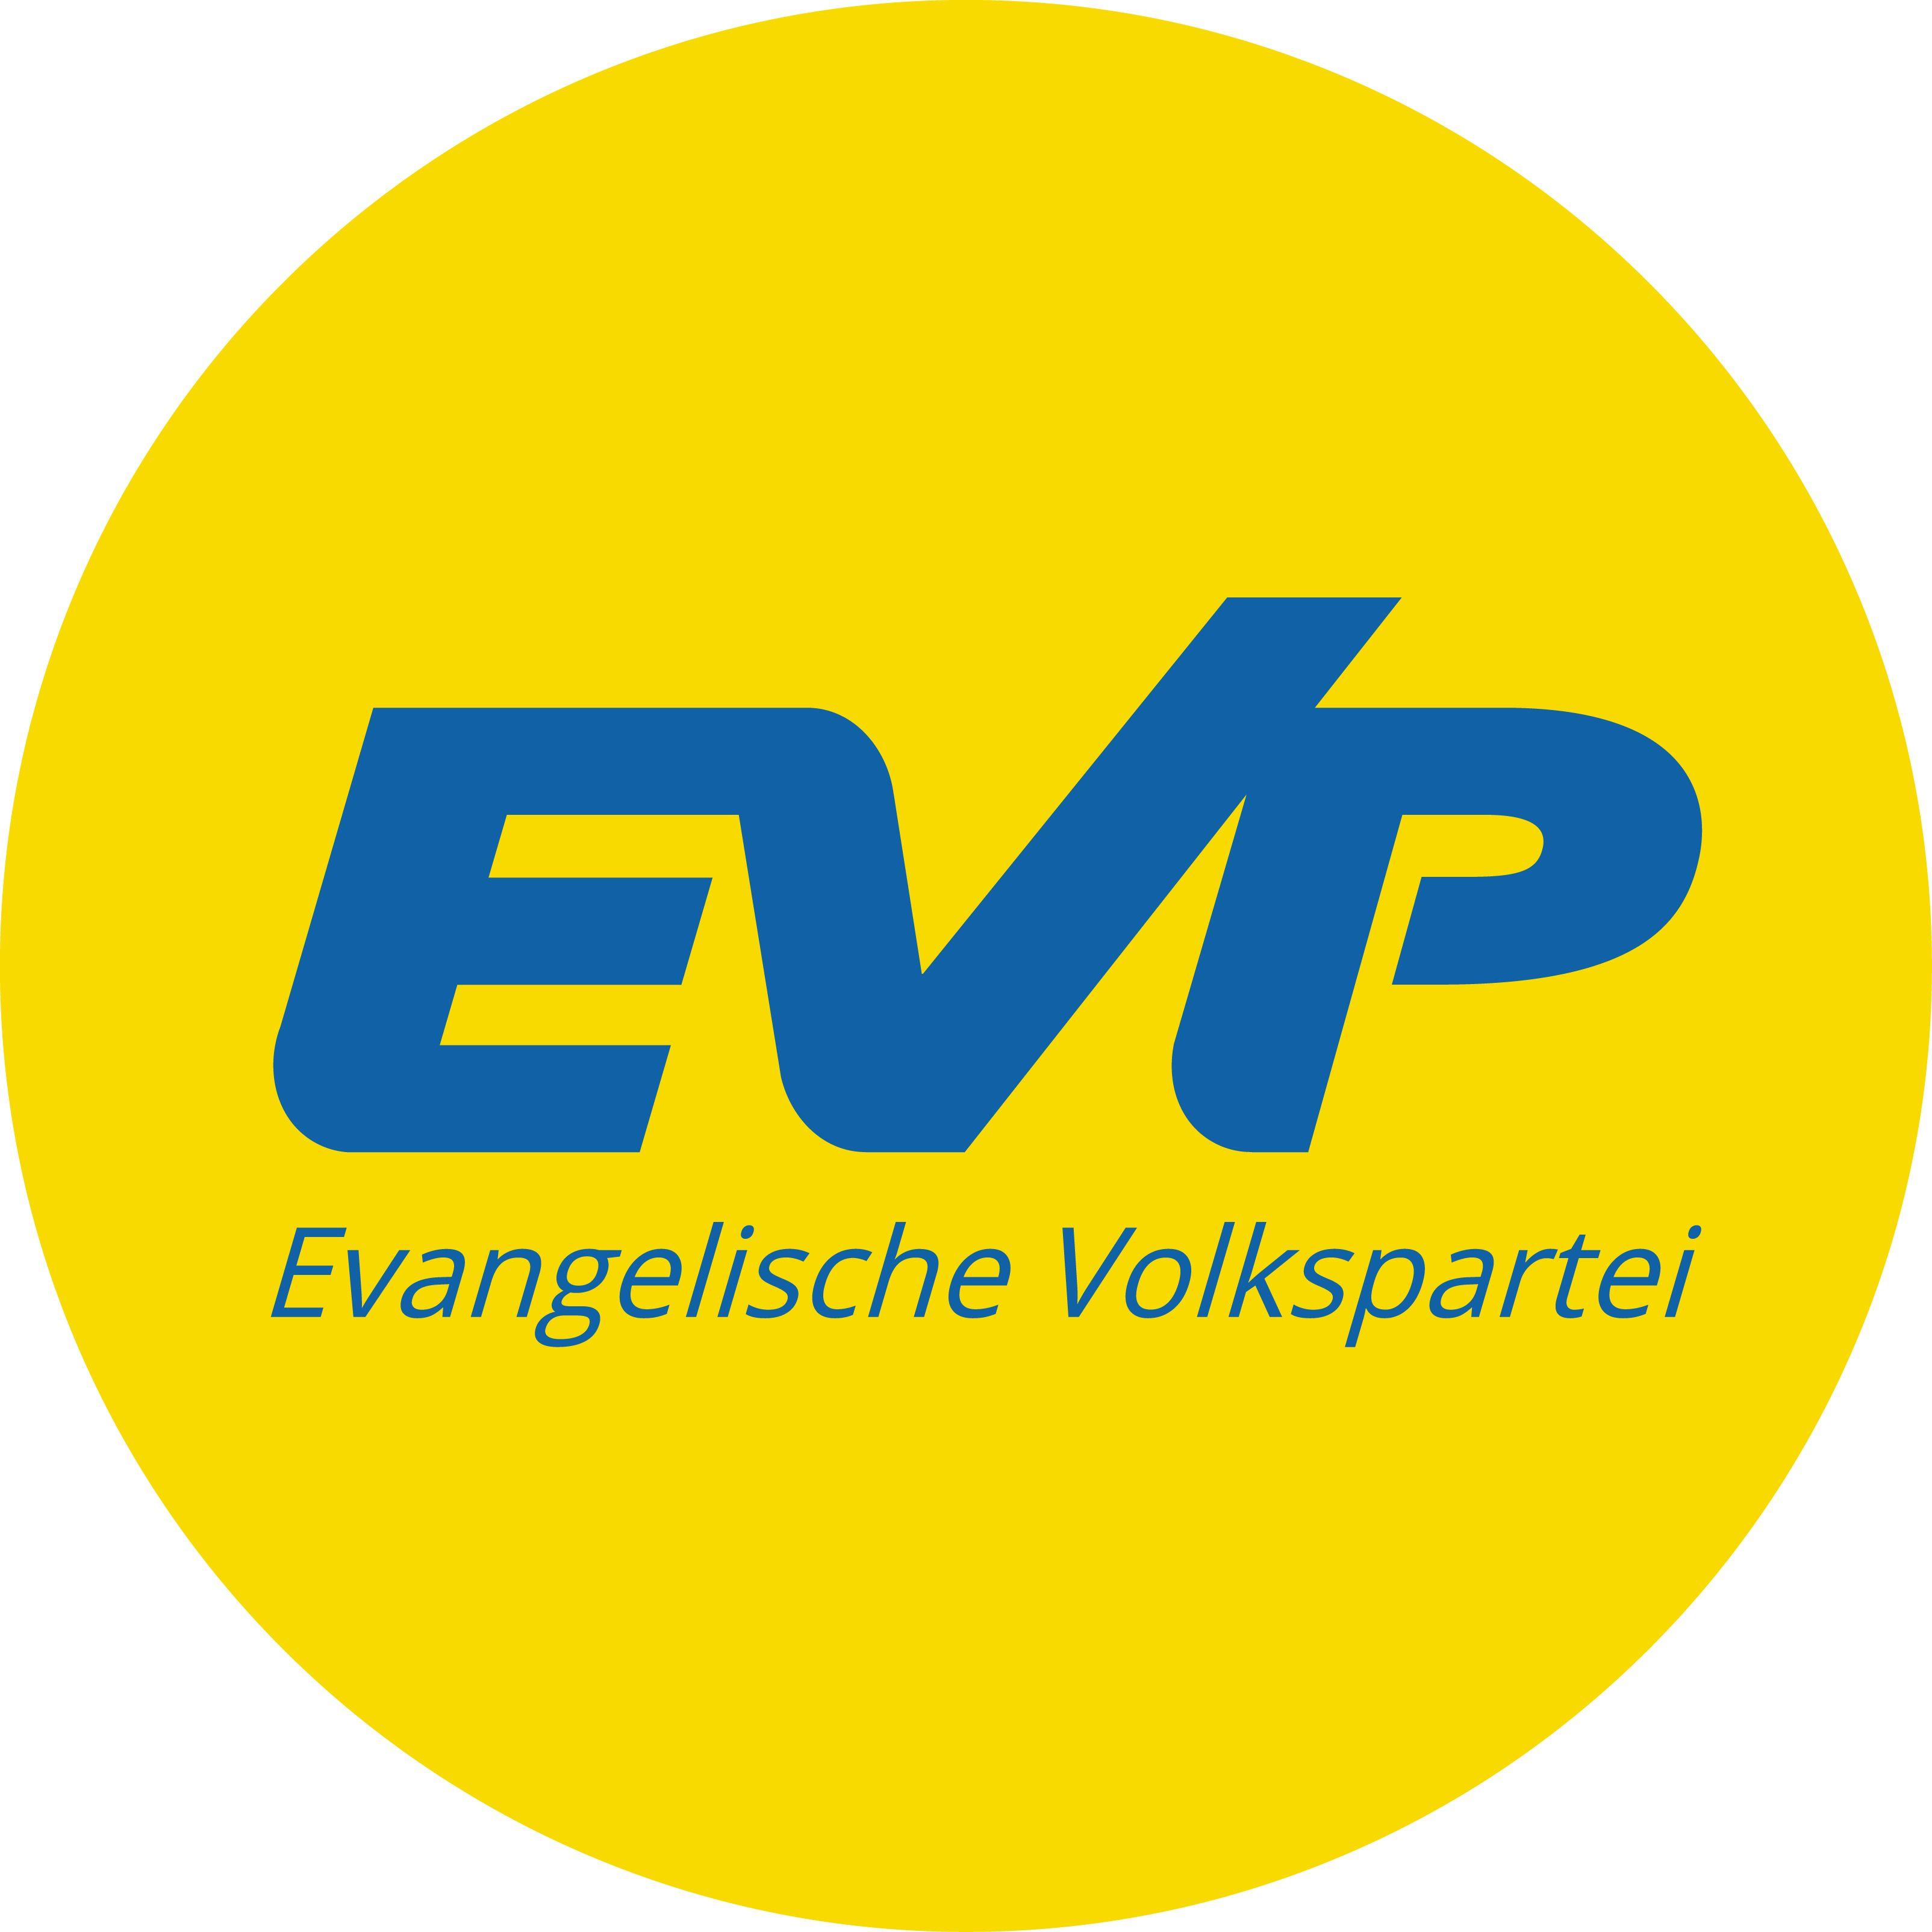 Evangelische Volkspartei